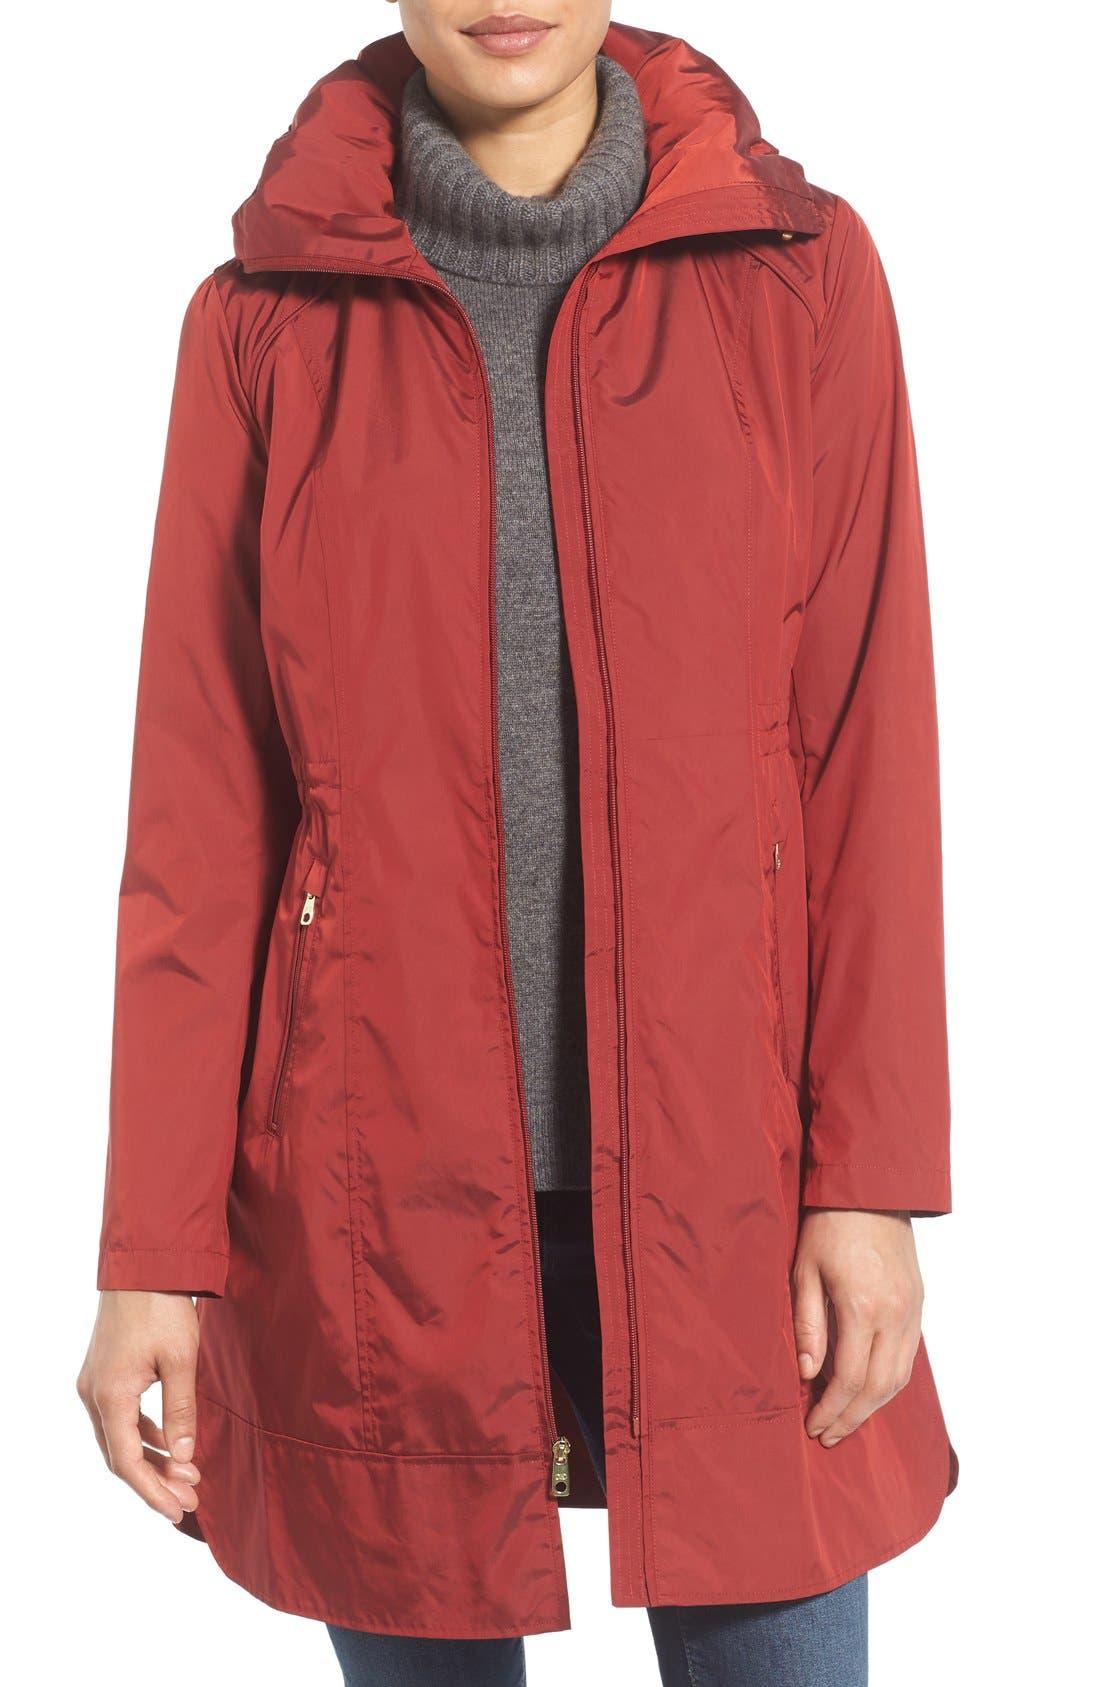 Packable Rain Jacket,                         Main,                         color, 639